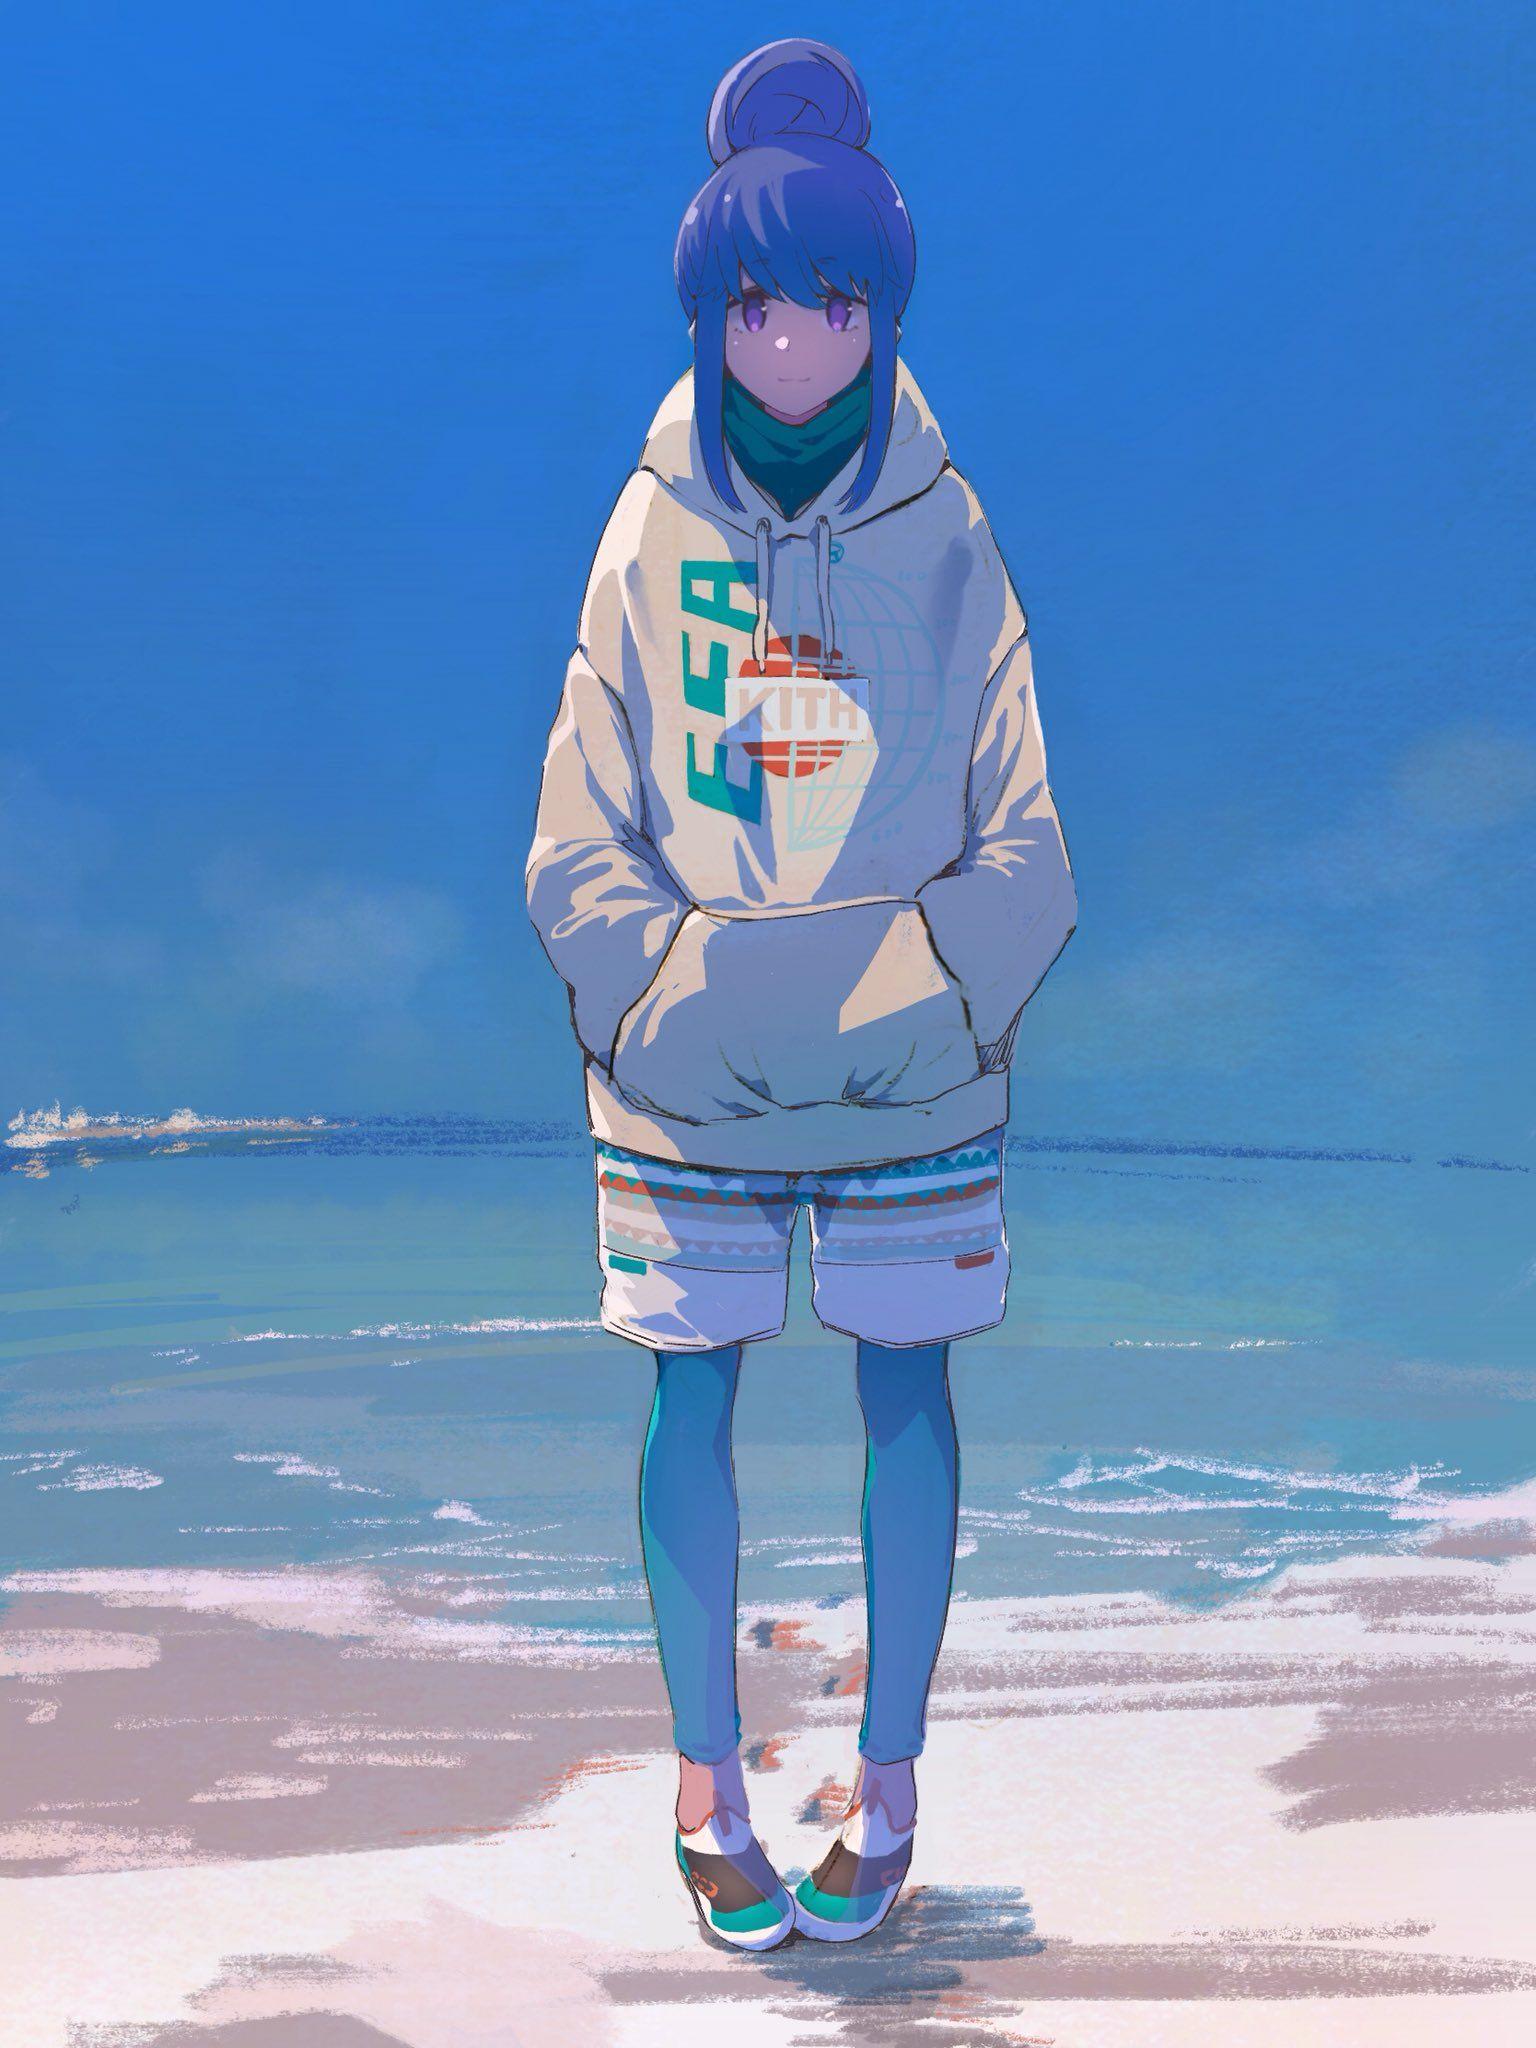 「тян」の画像(投稿者:Sora . さん) イラスト, かわいいアニメの女の子, キャラクターデザイン